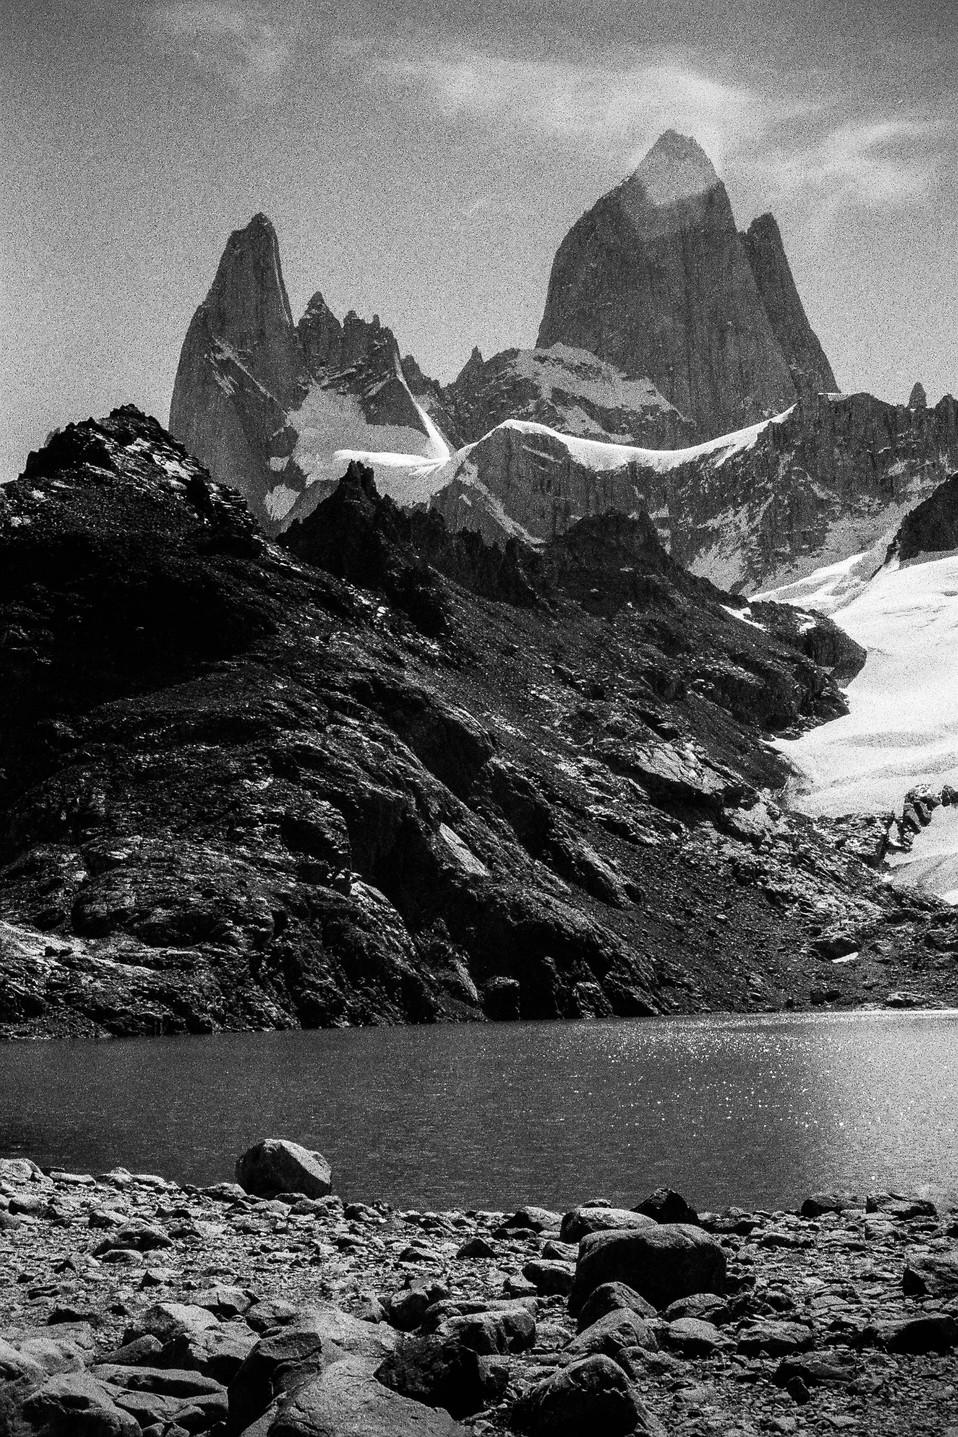 Monte Fitz roy El Chaltén, Argentina  . Analogic 2016 © Jérémy Pernet